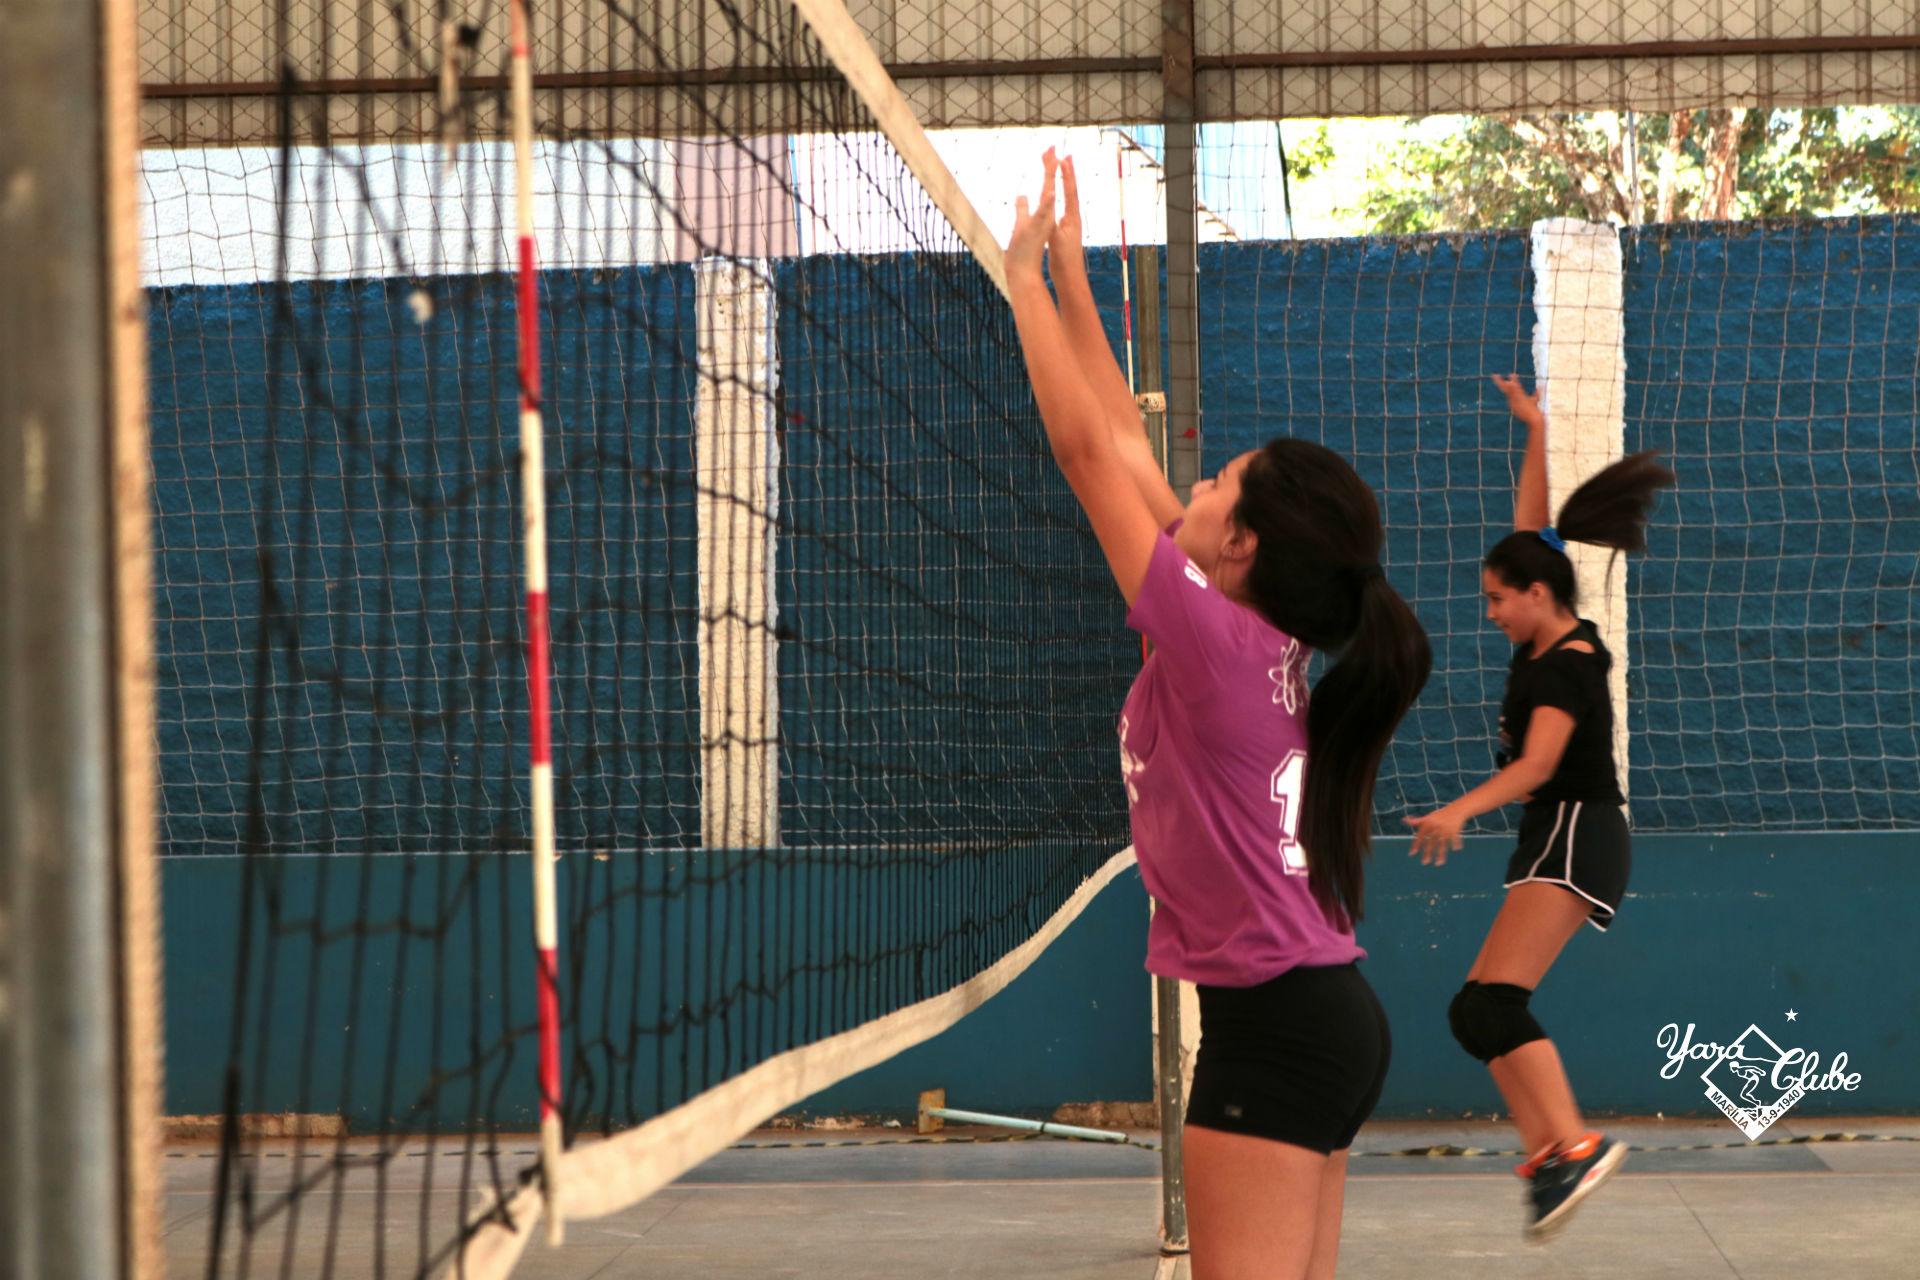 Voleibol - O treinamento de bloqueio